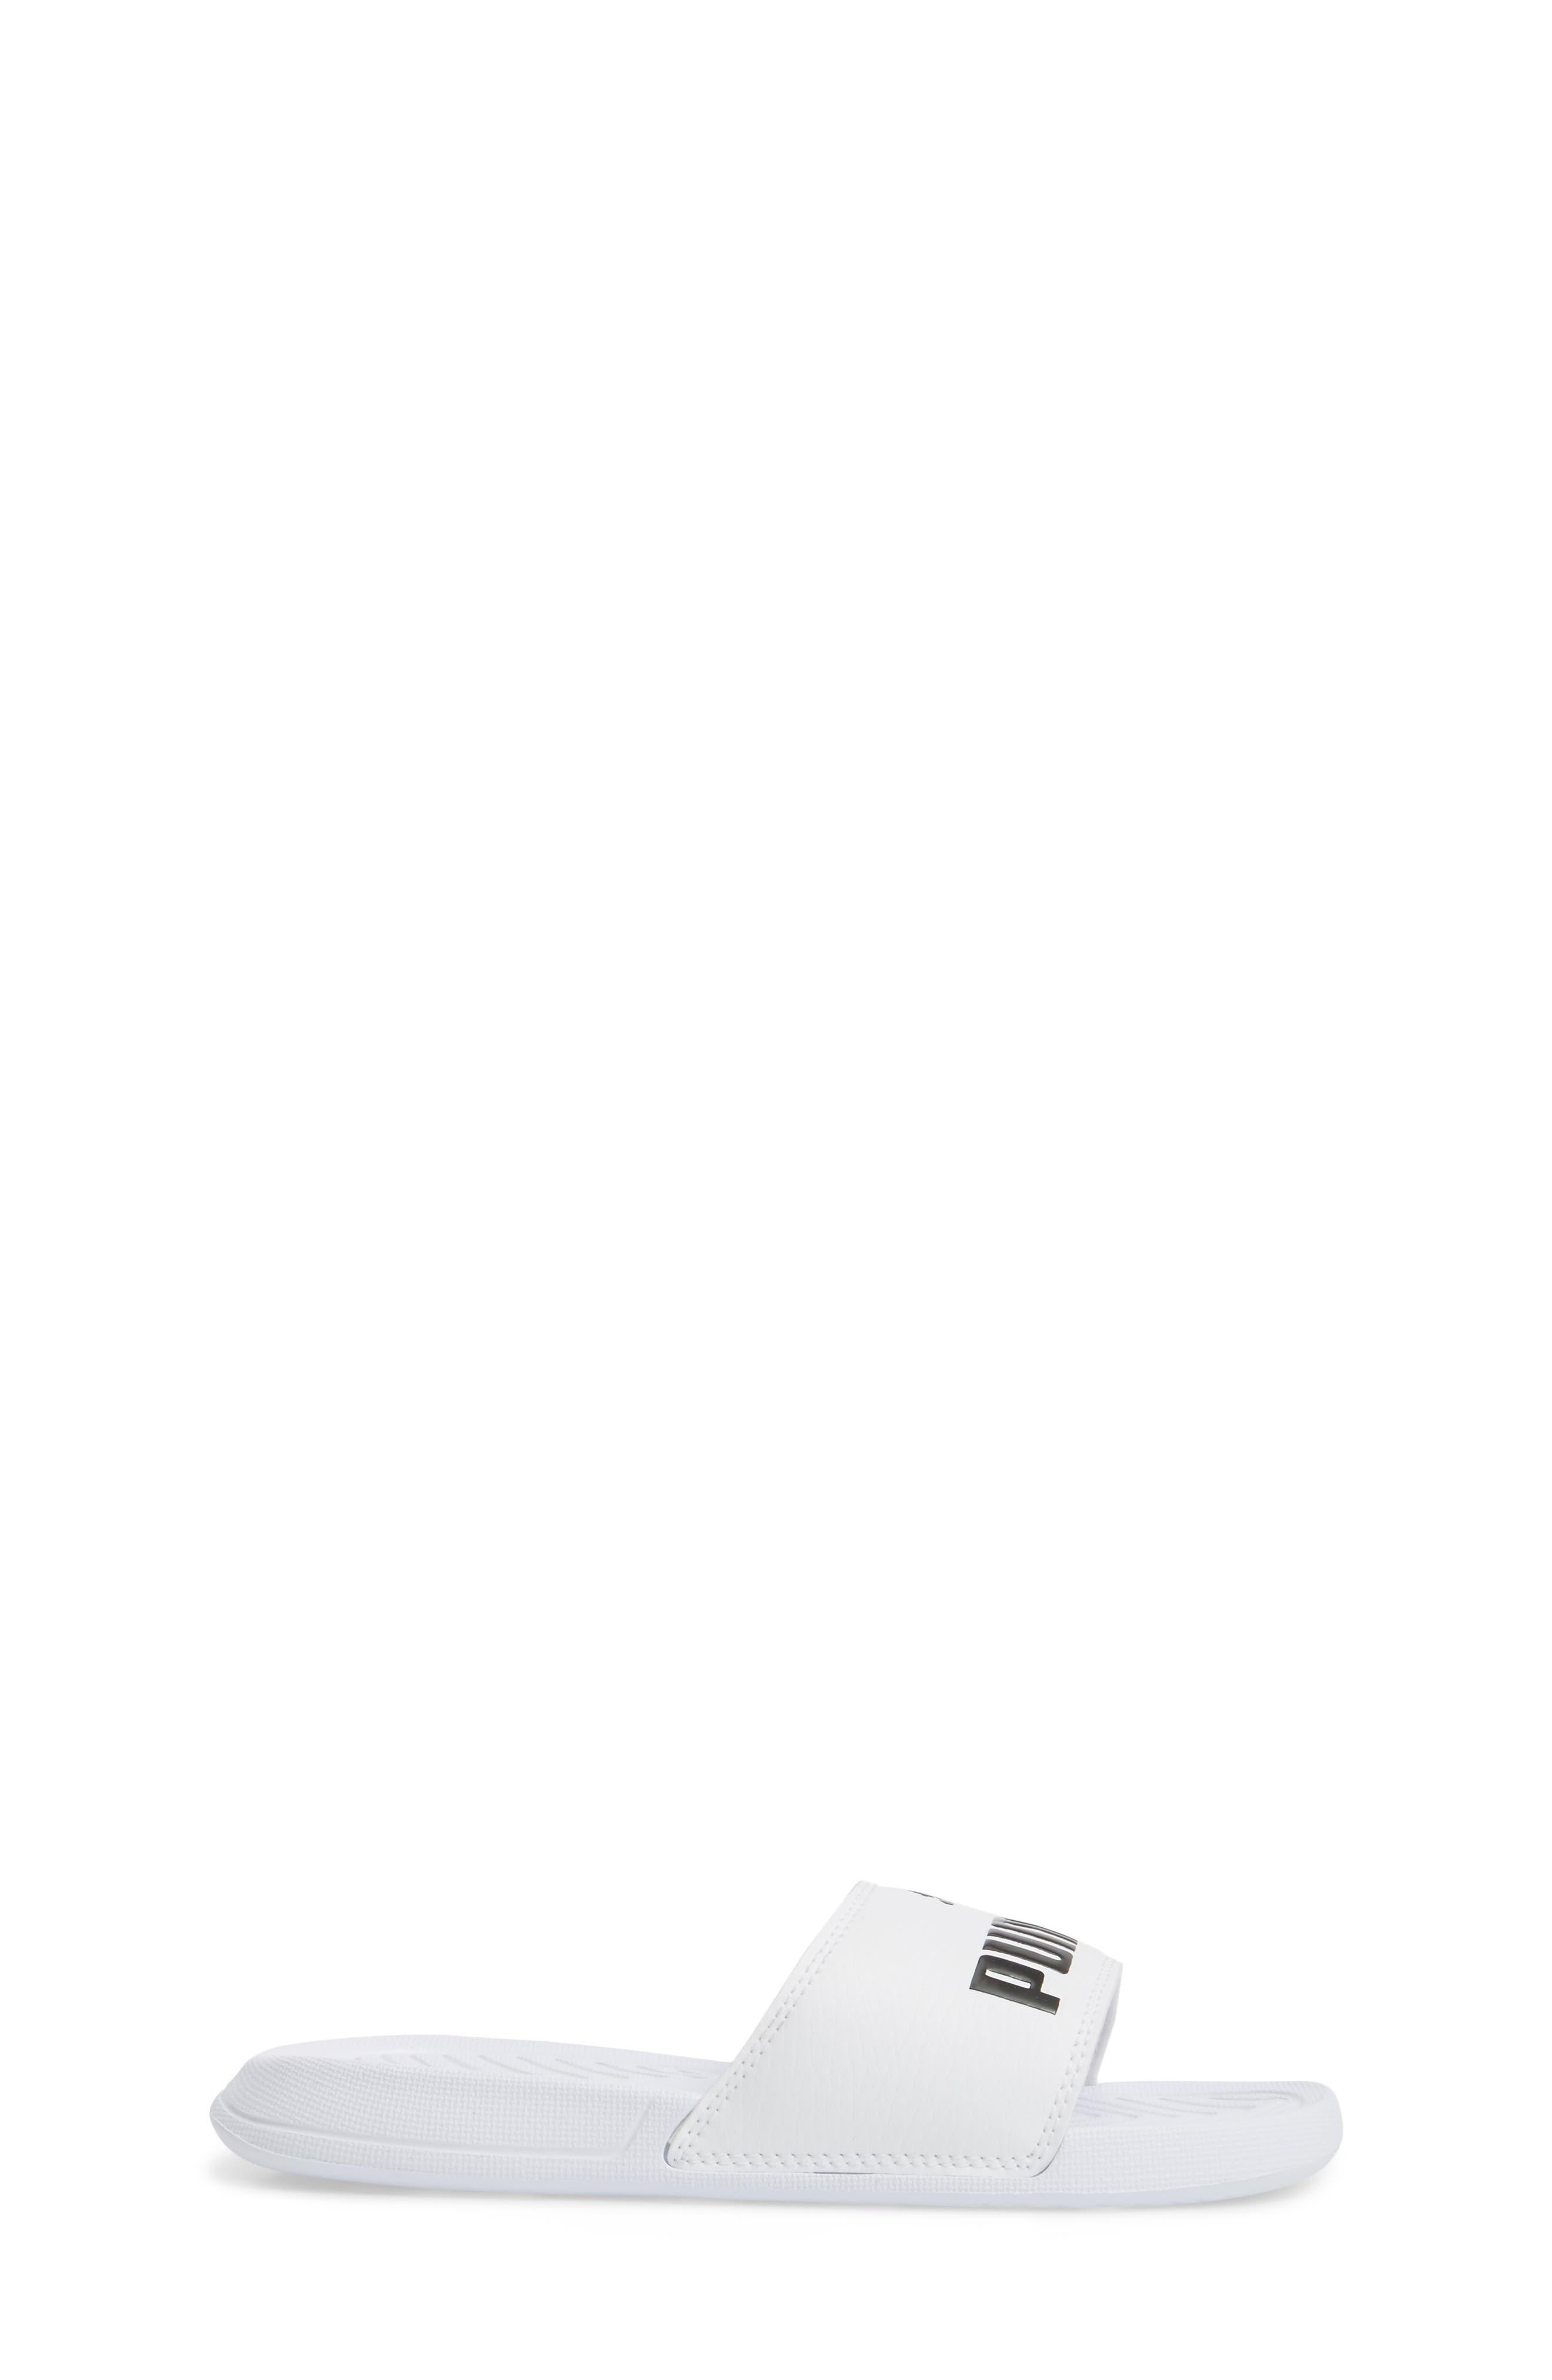 Popcat Slide Sandal,                             Alternate thumbnail 3, color,                             100